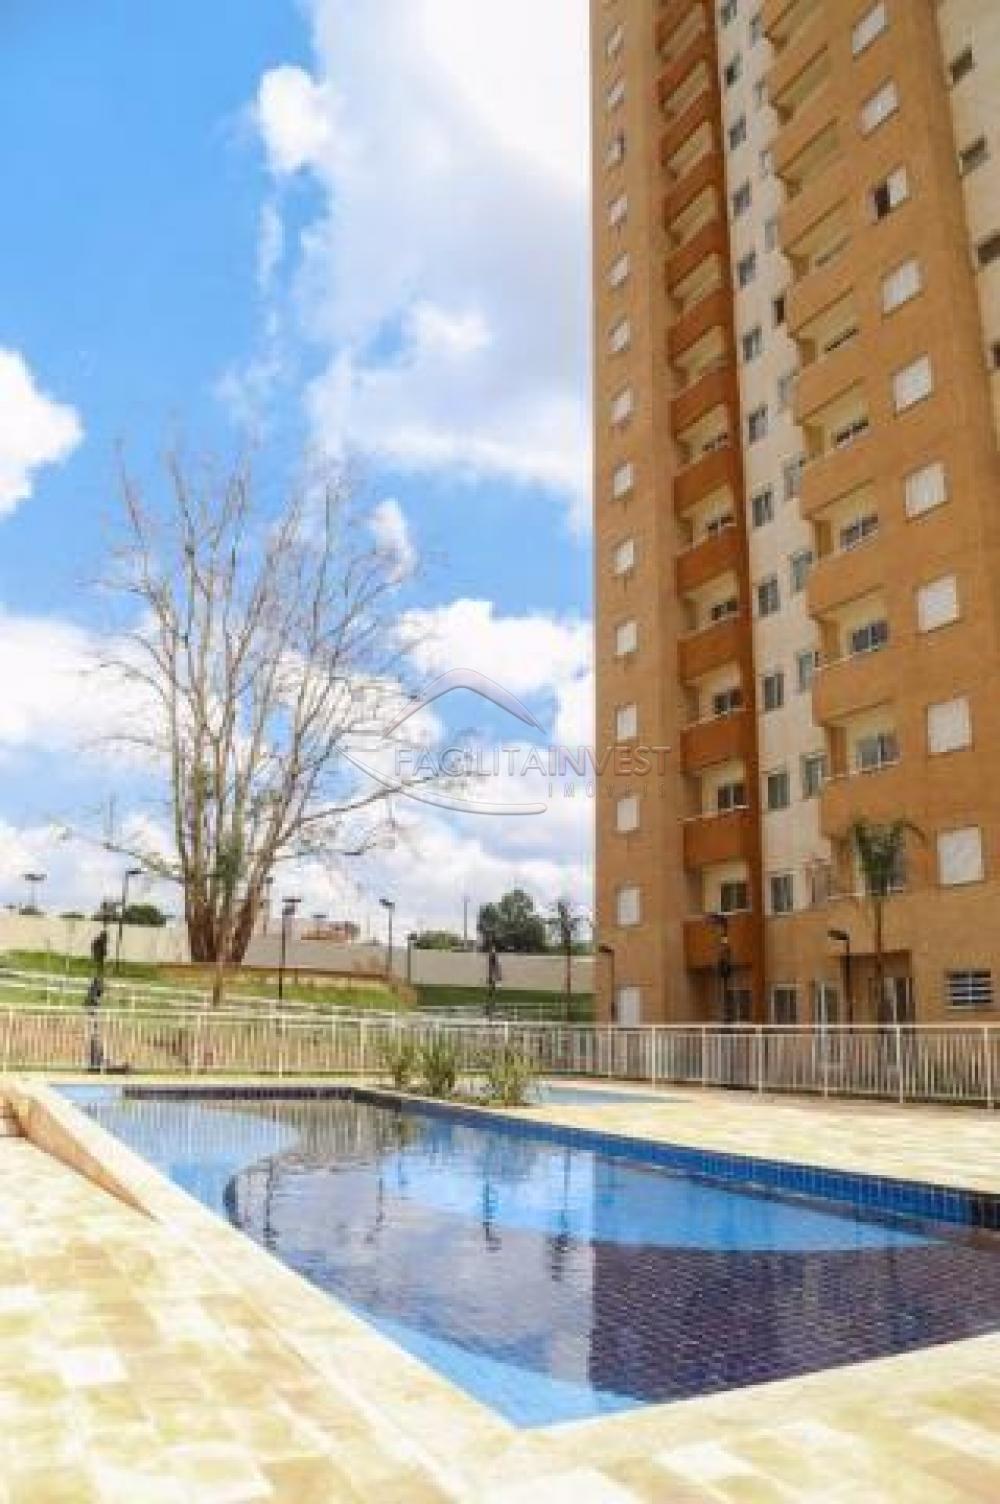 Comprar Apartamentos / Apart. Padrão em Ribeirão Preto apenas R$ 215.000,00 - Foto 30